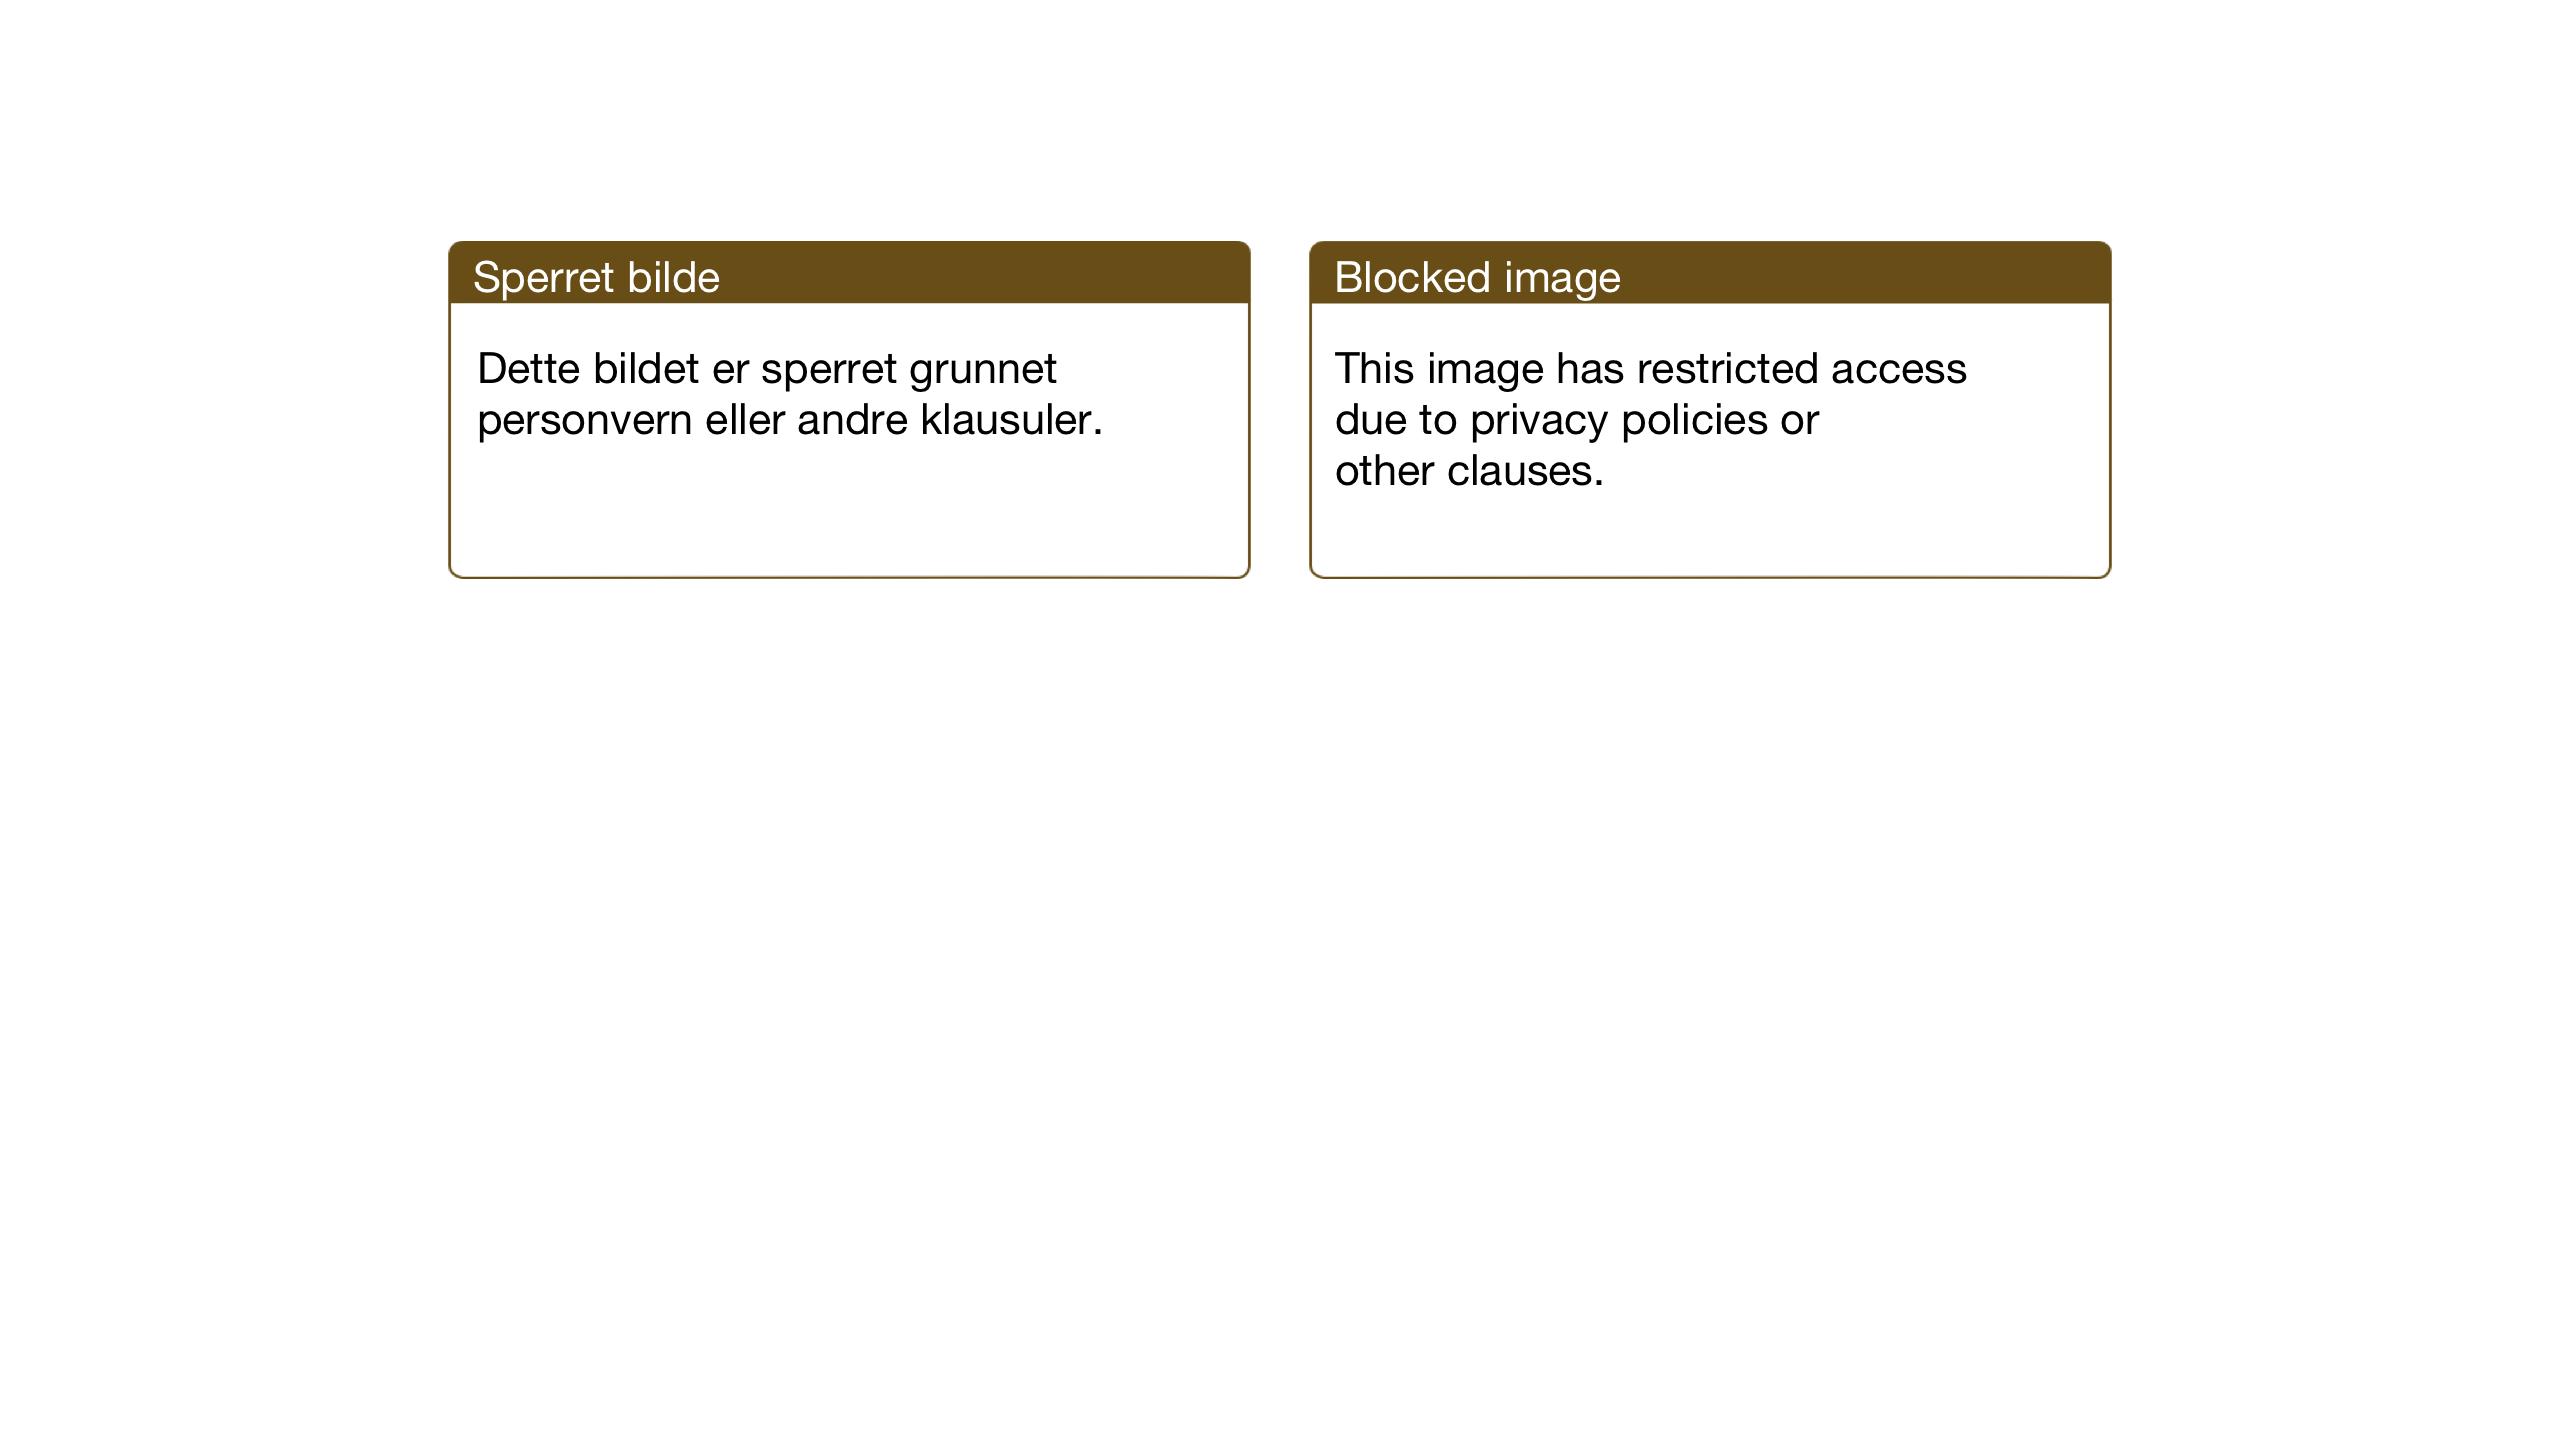 SAT, Ministerialprotokoller, klokkerbøker og fødselsregistre - Sør-Trøndelag, 682/L0947: Klokkerbok nr. 682C01, 1926-1968, s. 53